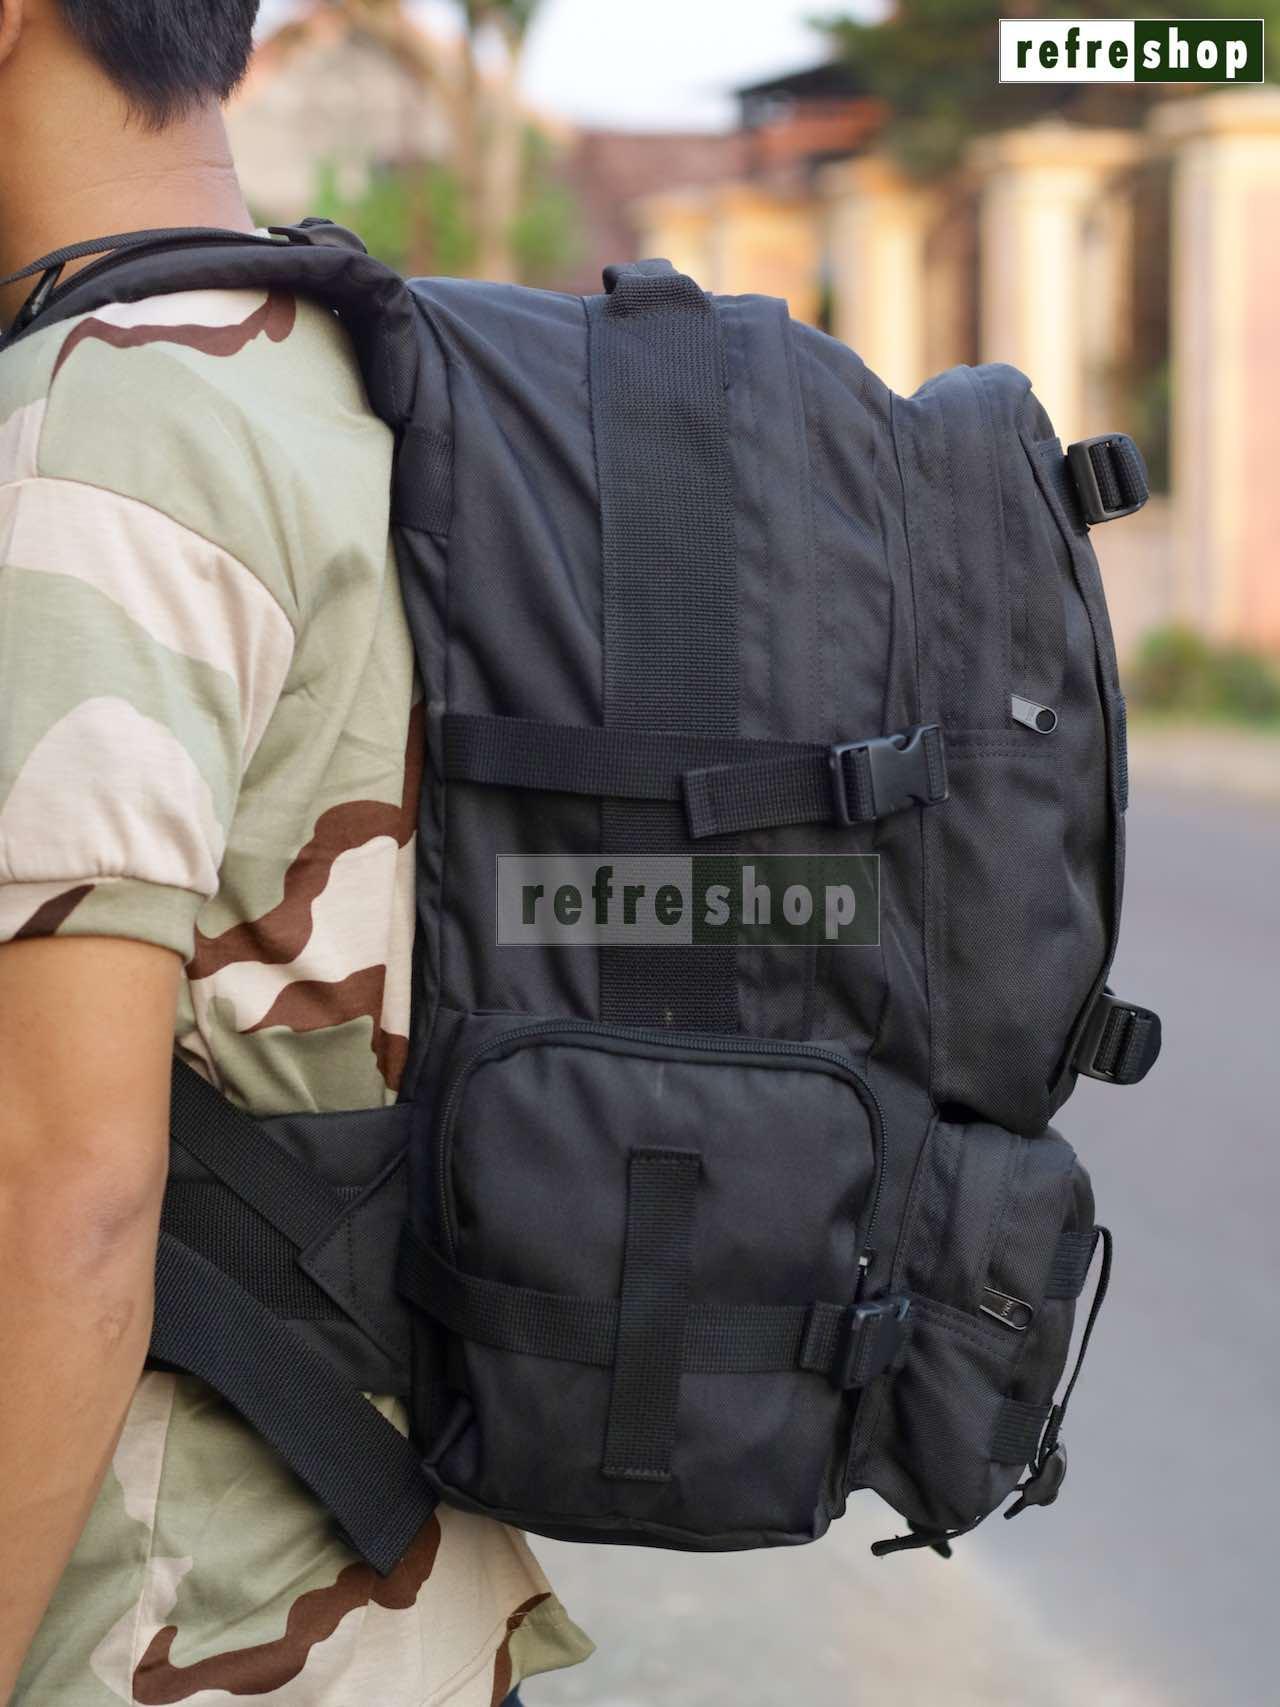 Lihat Tas Ransel Militer Tactical Punggung Army Latpop Tni Polisi Backpack 3p Pv421hd Berkualitas 5